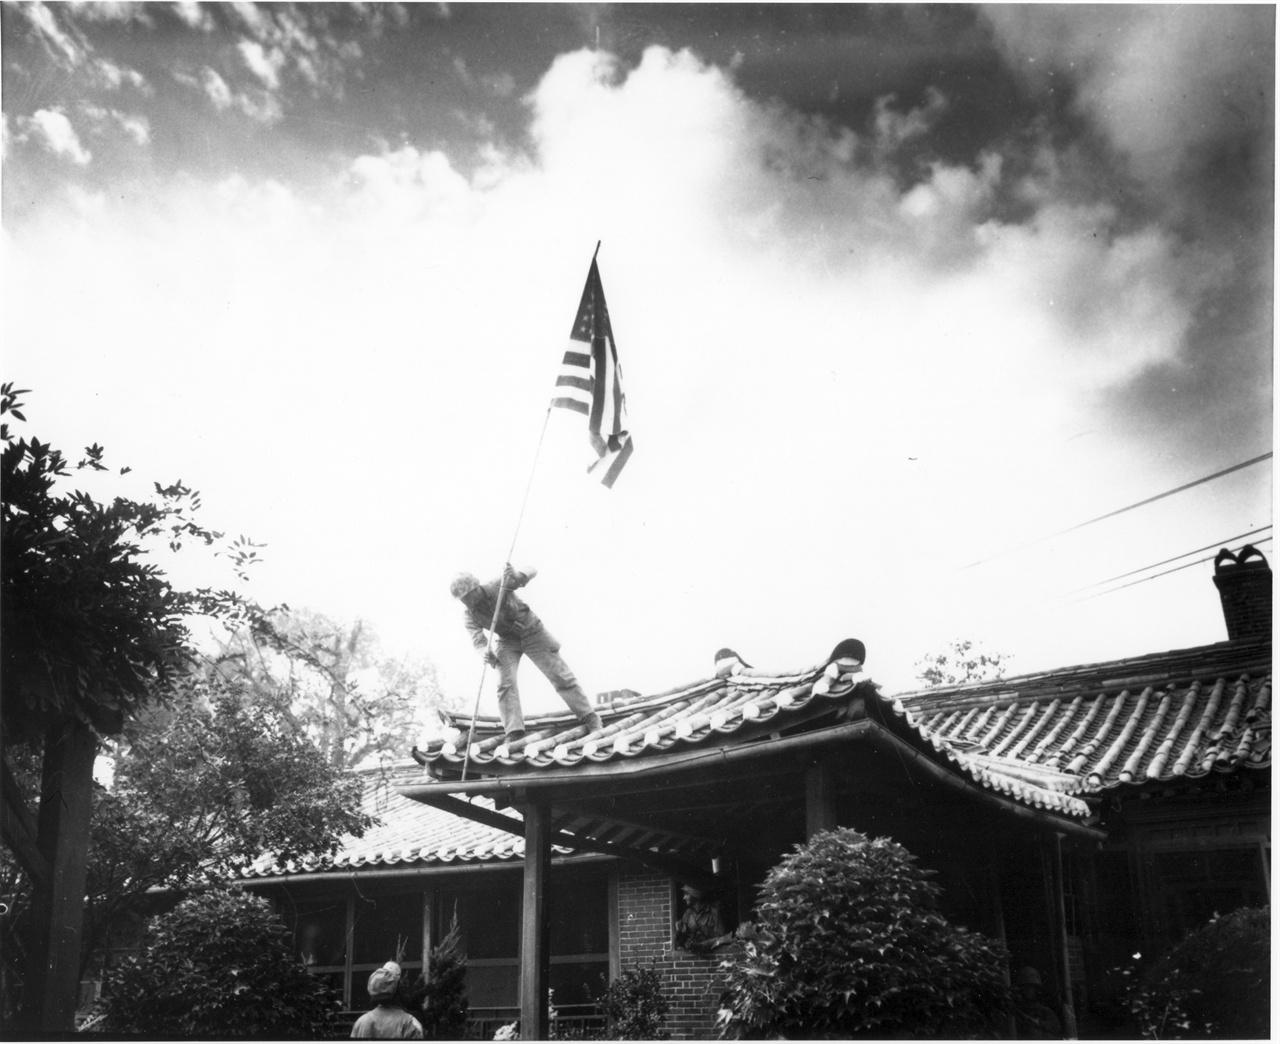 서울, 임시로 마련한 미 대사관 지붕에 성조기를 세우고 있다(1950. 9. 27.).